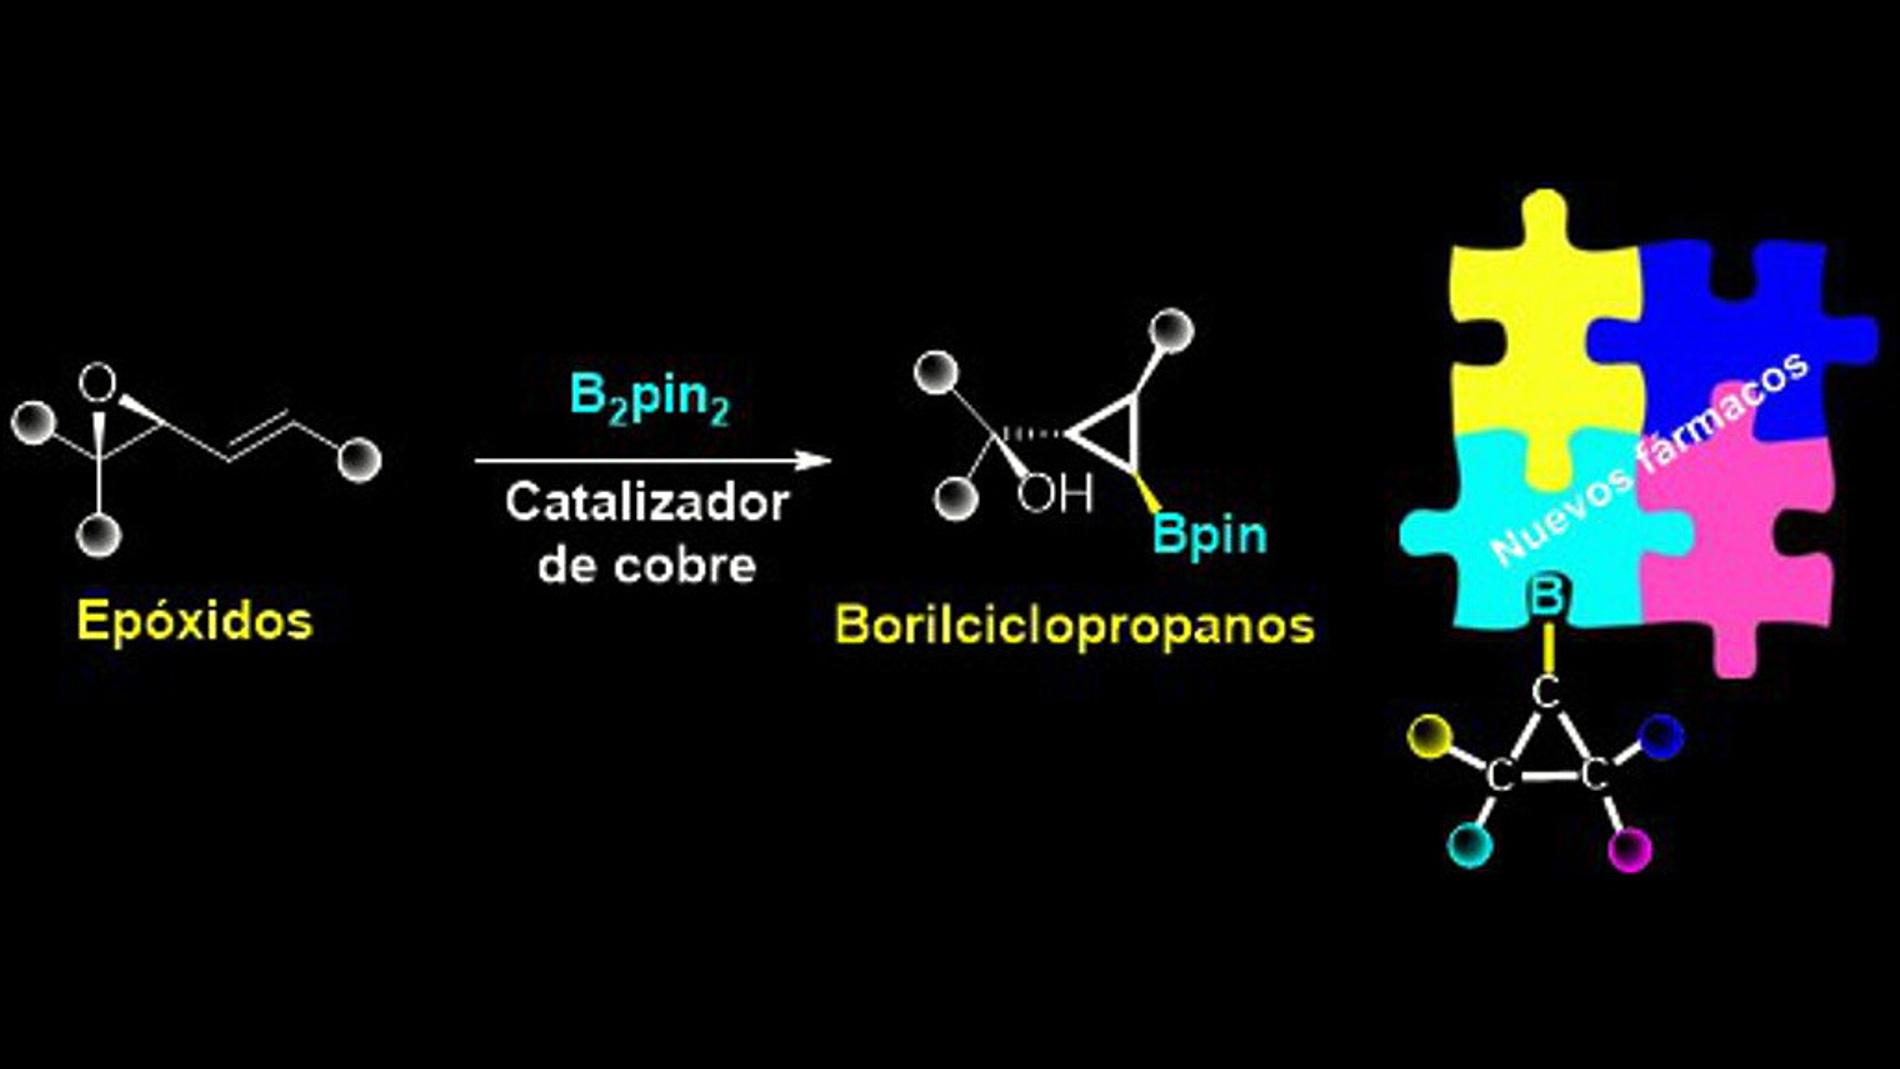 método para la preparación de ciclopropanos, moléculas rígidas y triangulares de gran interés en la industria farmacéutica